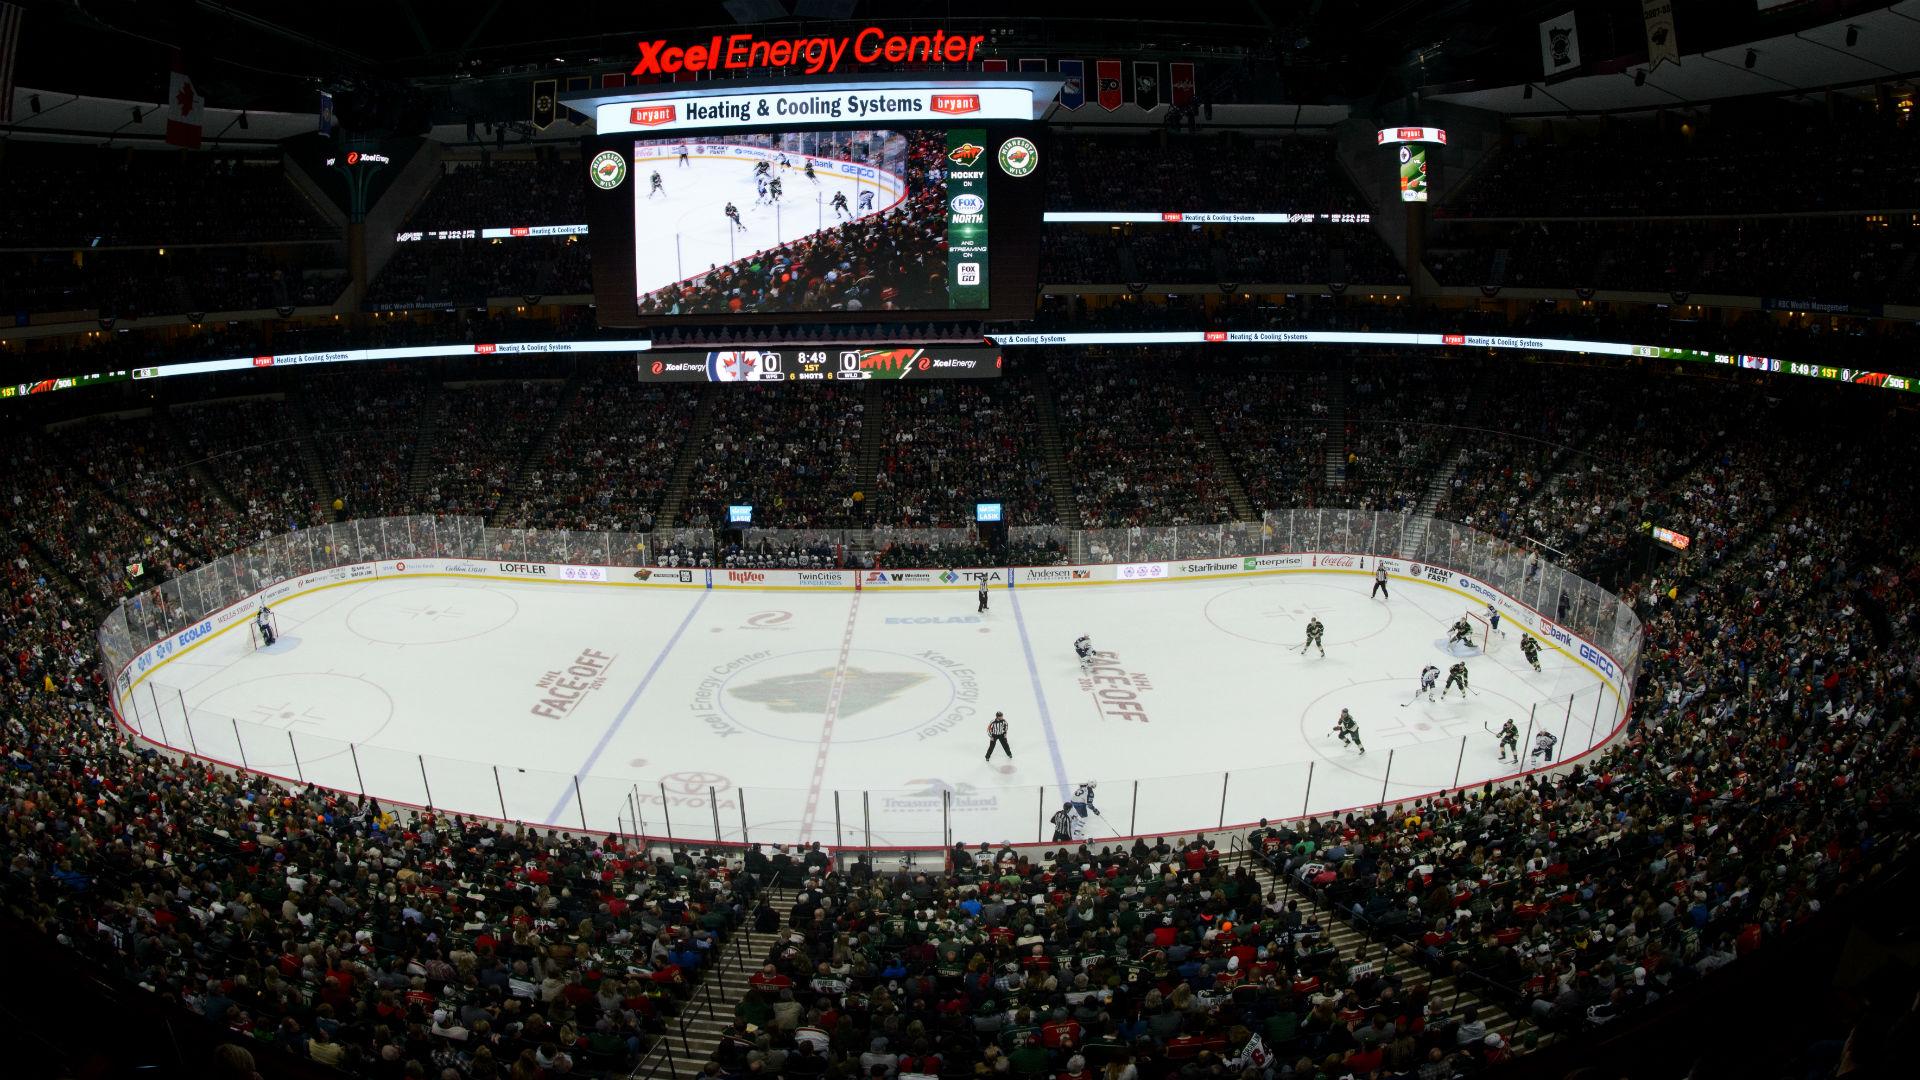 Minnesota Boys 'Hockey State Tournament 2020: vista previa, calendario, transmisión en vivo, mejores jugadores para ver 16